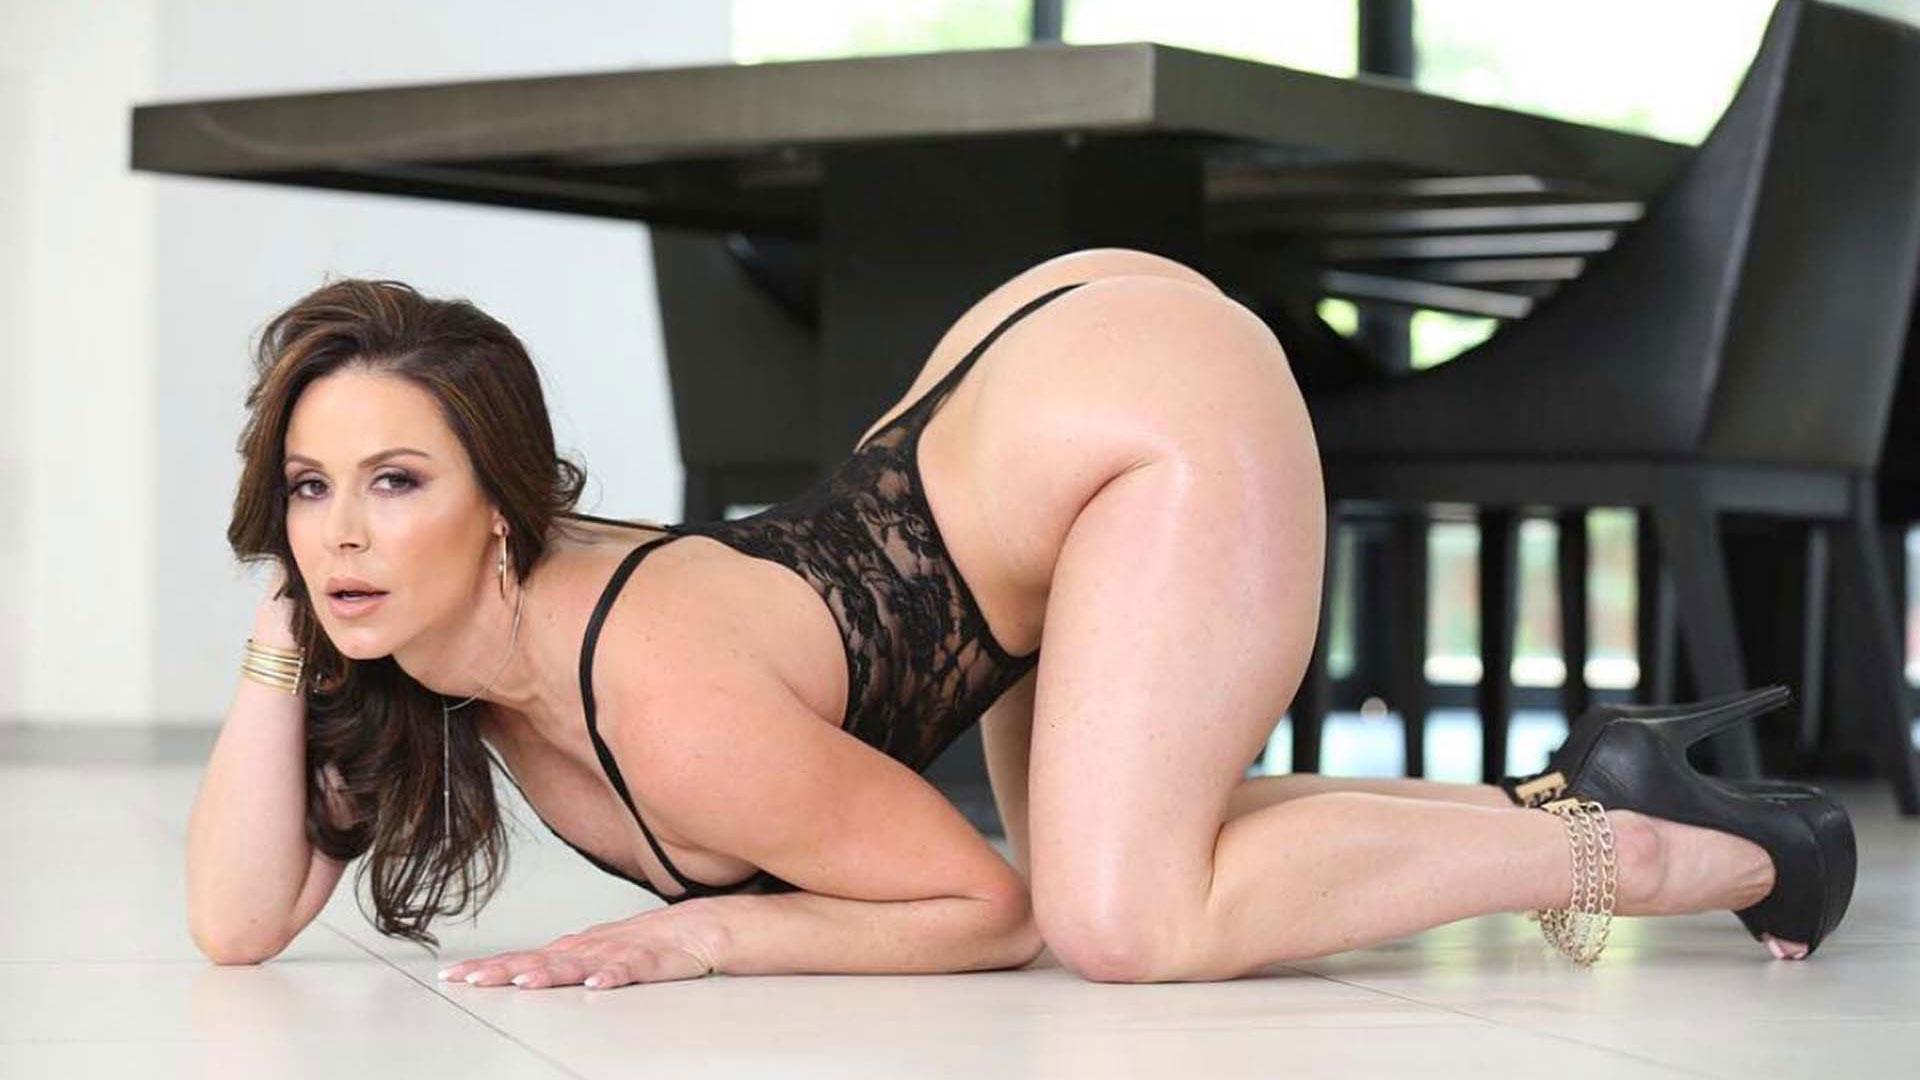 Actriz Porno Alex alex rodriguez | www.freee-porns